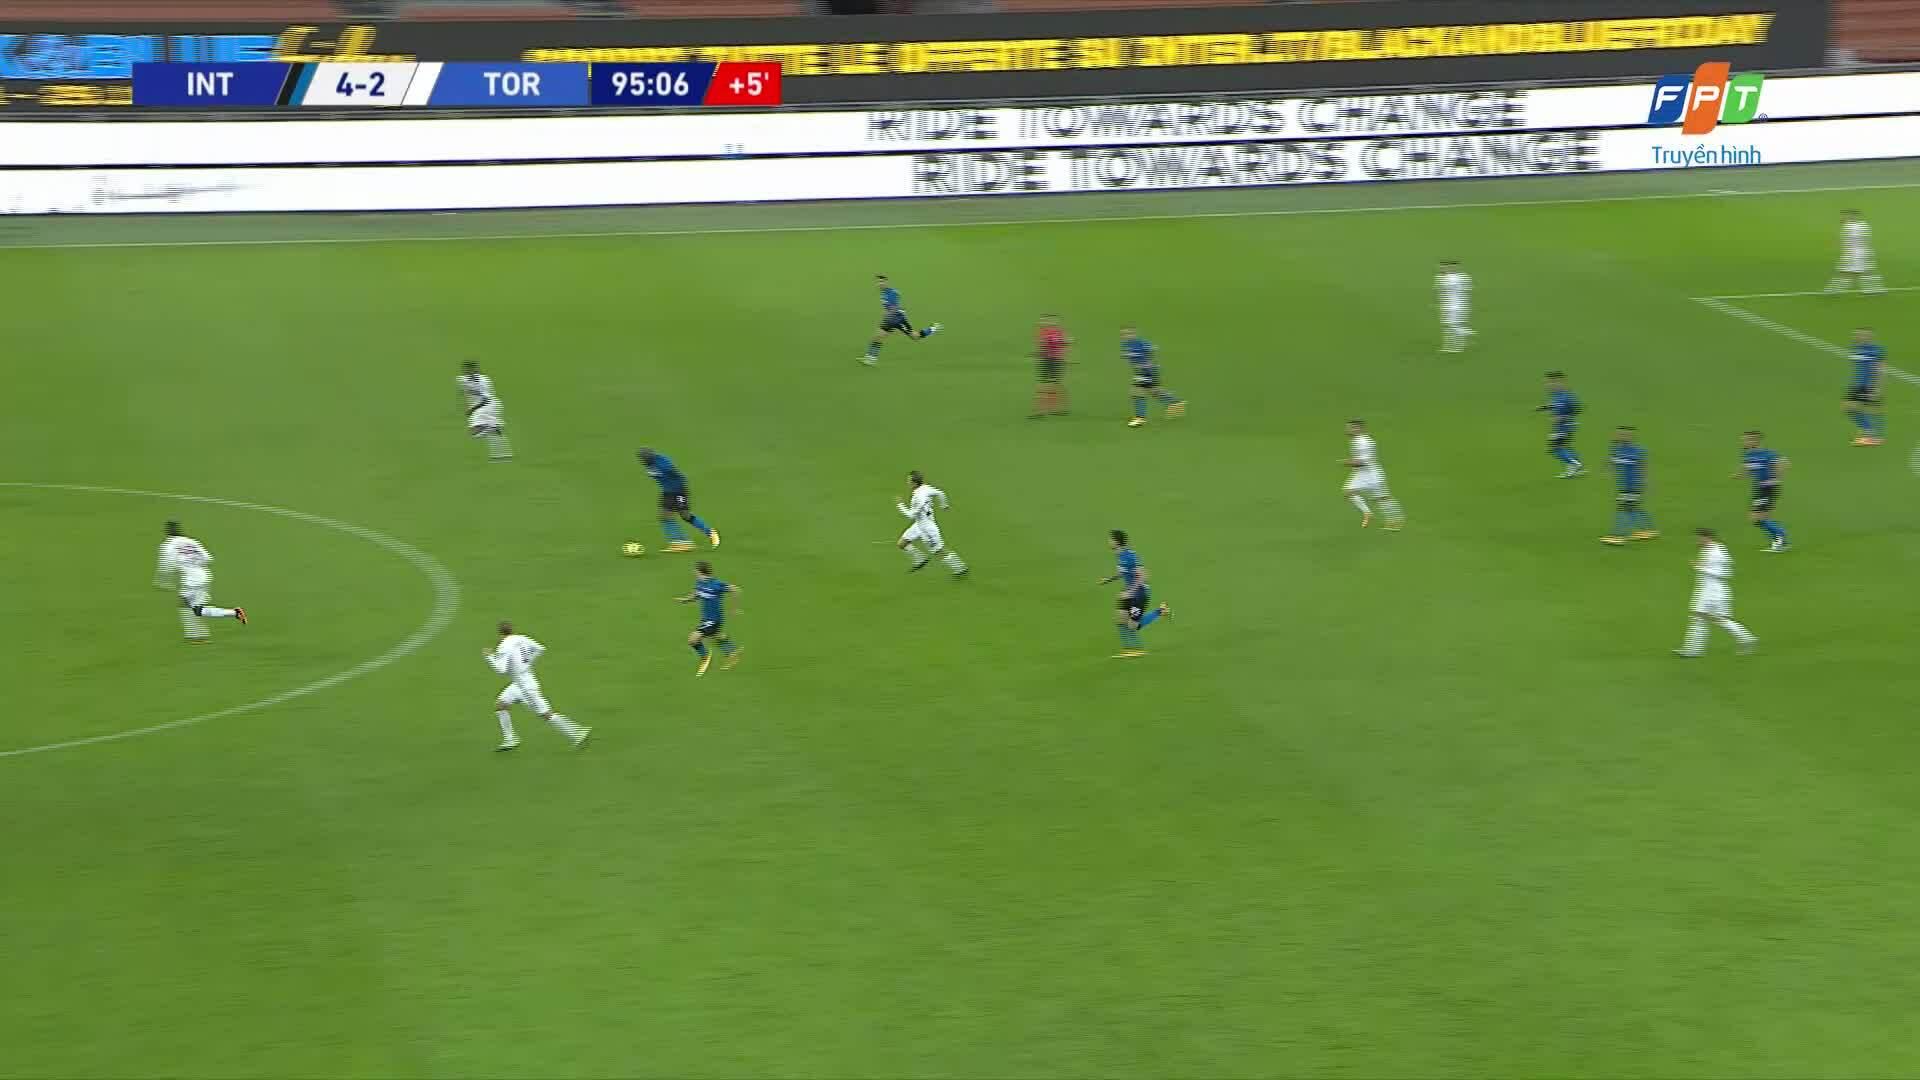 Inter 4-2 Torino